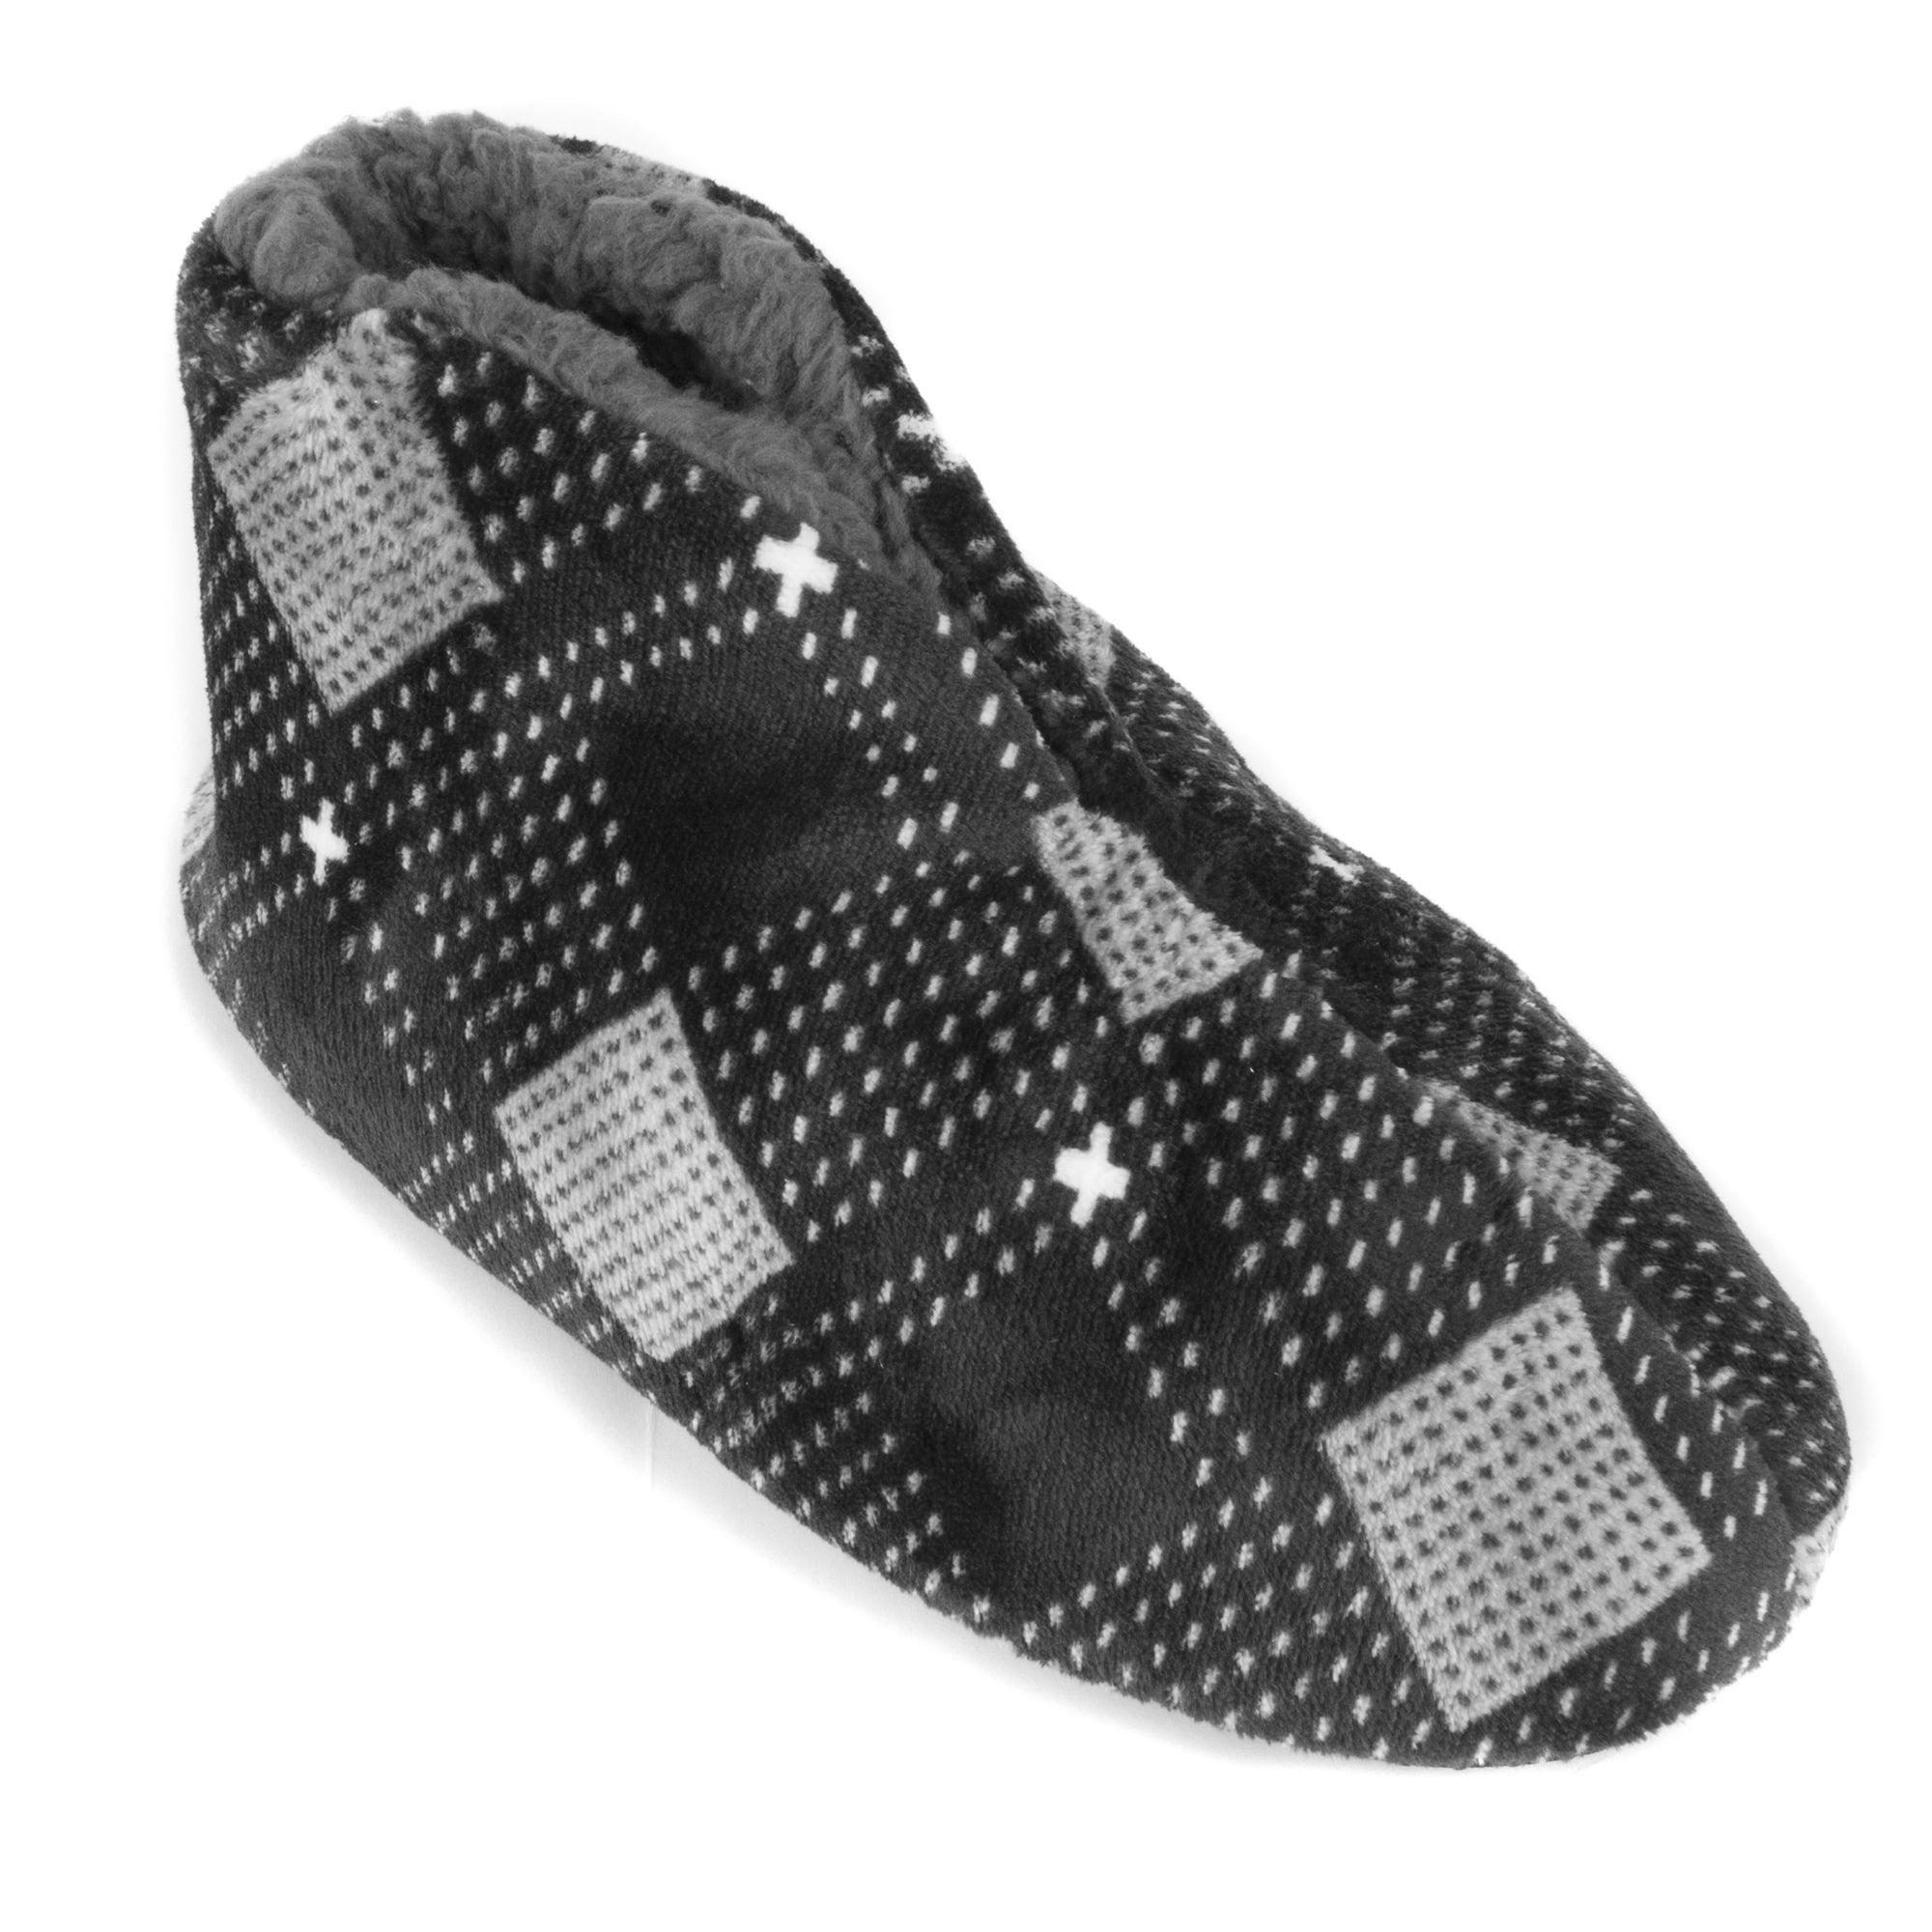 a5ba7645744c Shop Leisureland Men s Plaid Fleece Lined Cozy Bootie Slippers ...